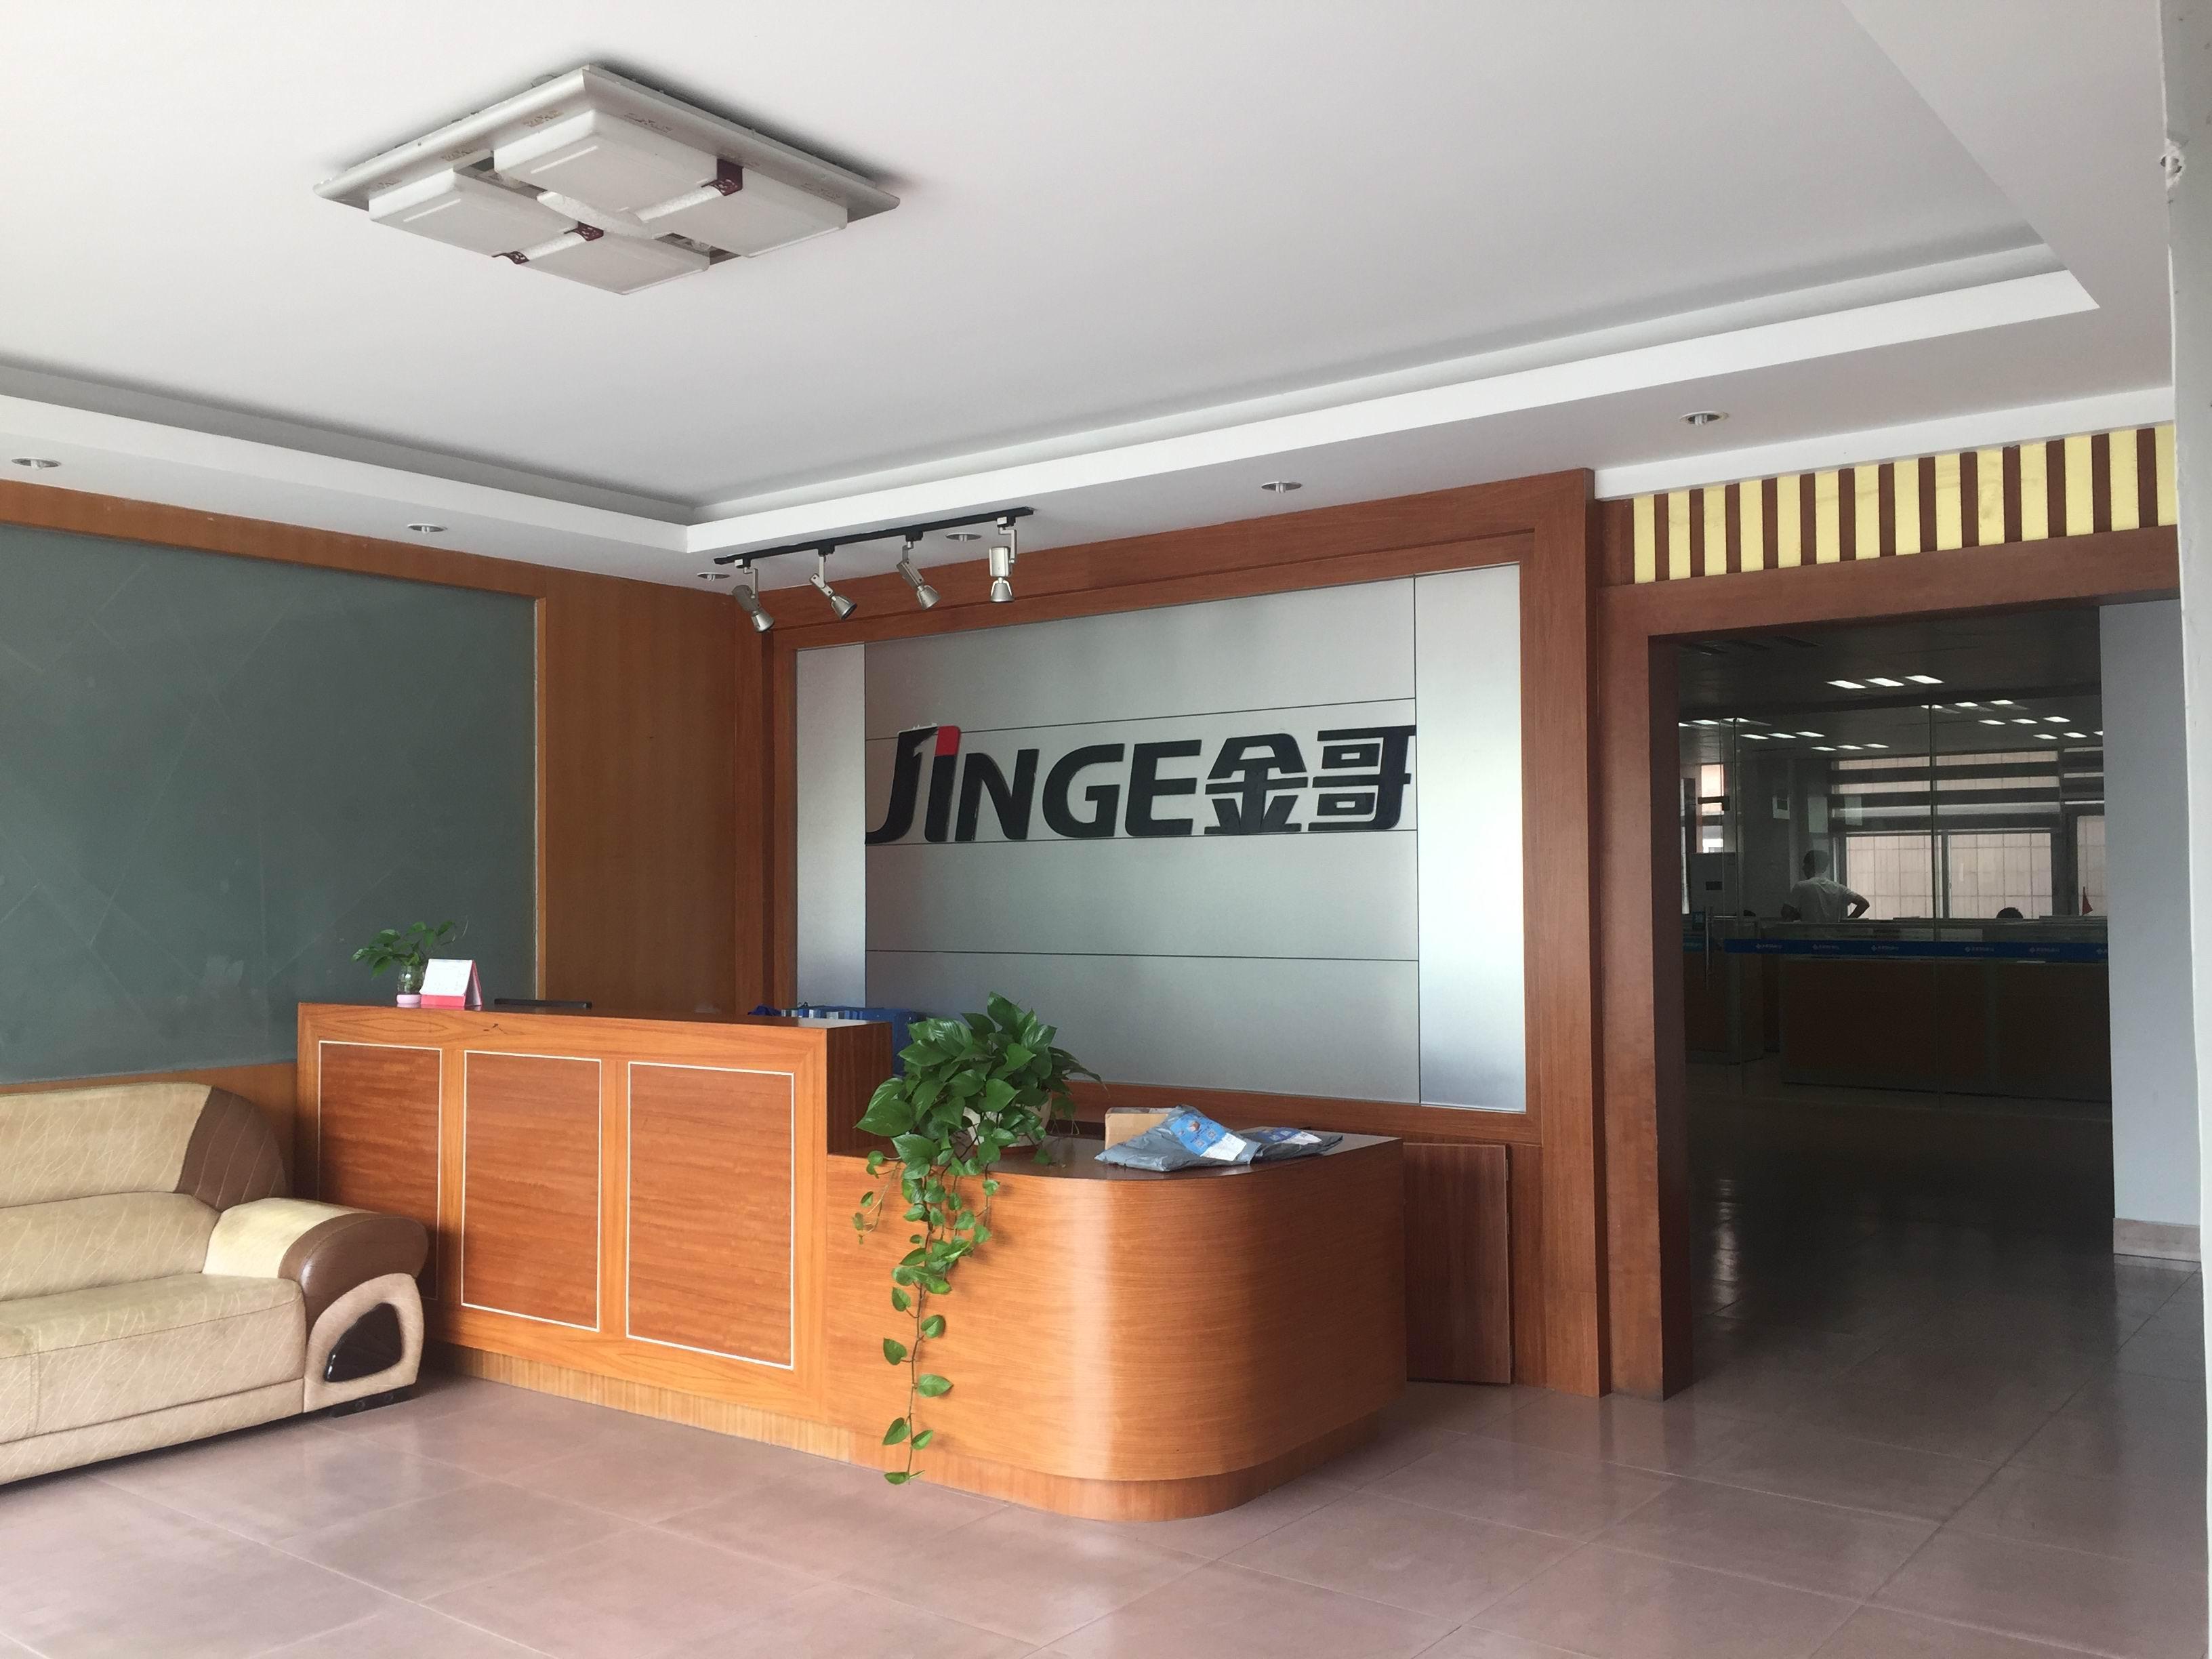 中山市天邁智能科技有限公司 _才通國際人才網_job001.cn